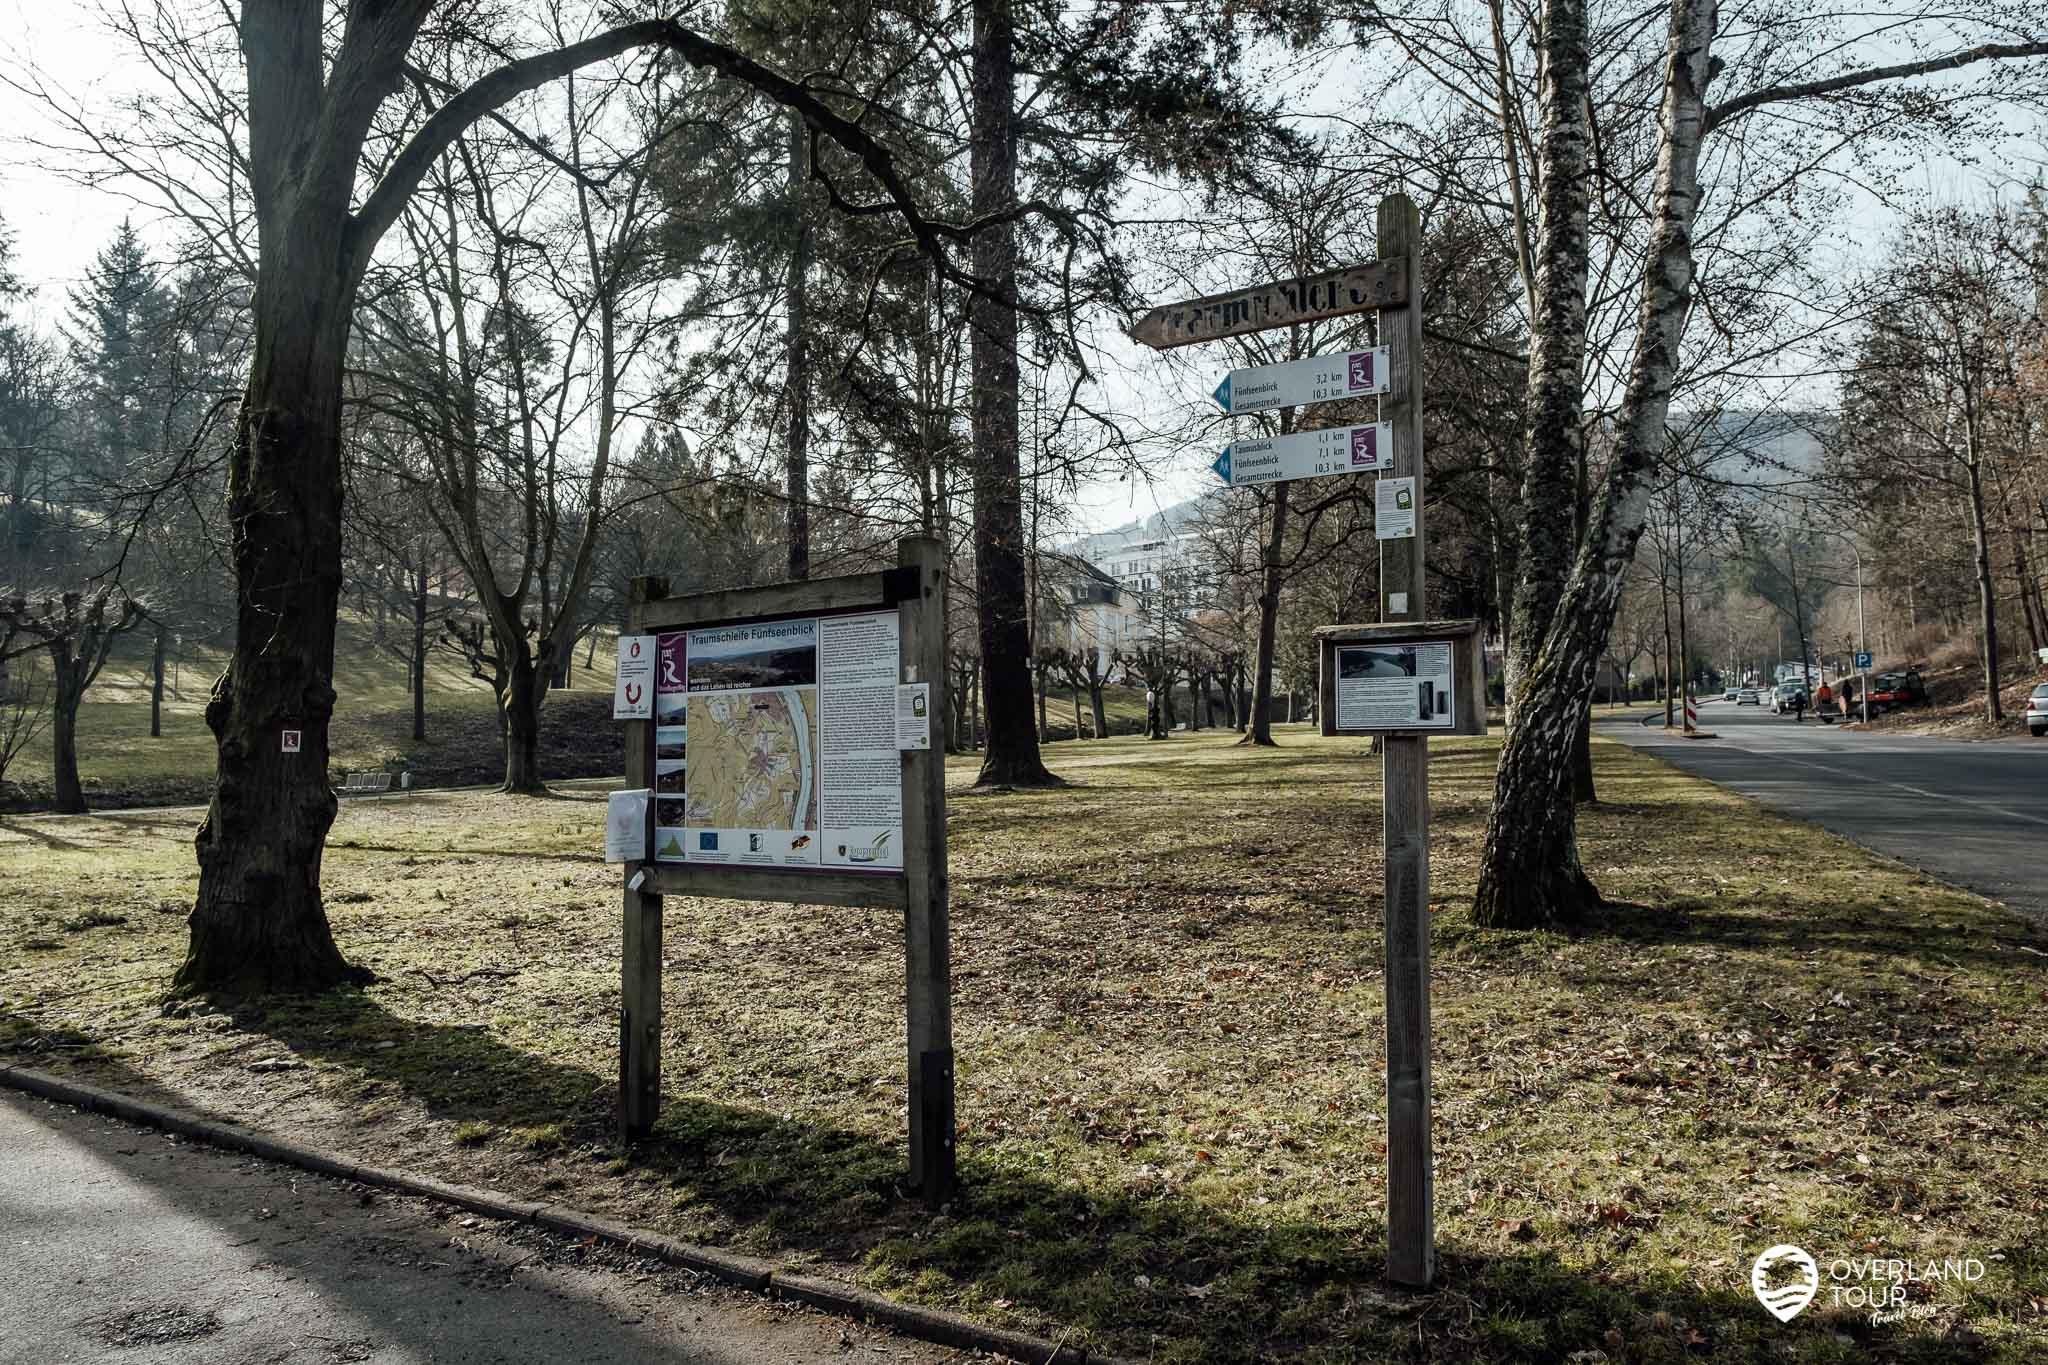 Wanderung Traumschleife Fünfseenblick: Start des Wanderweges im Kurpark Bad Salzig